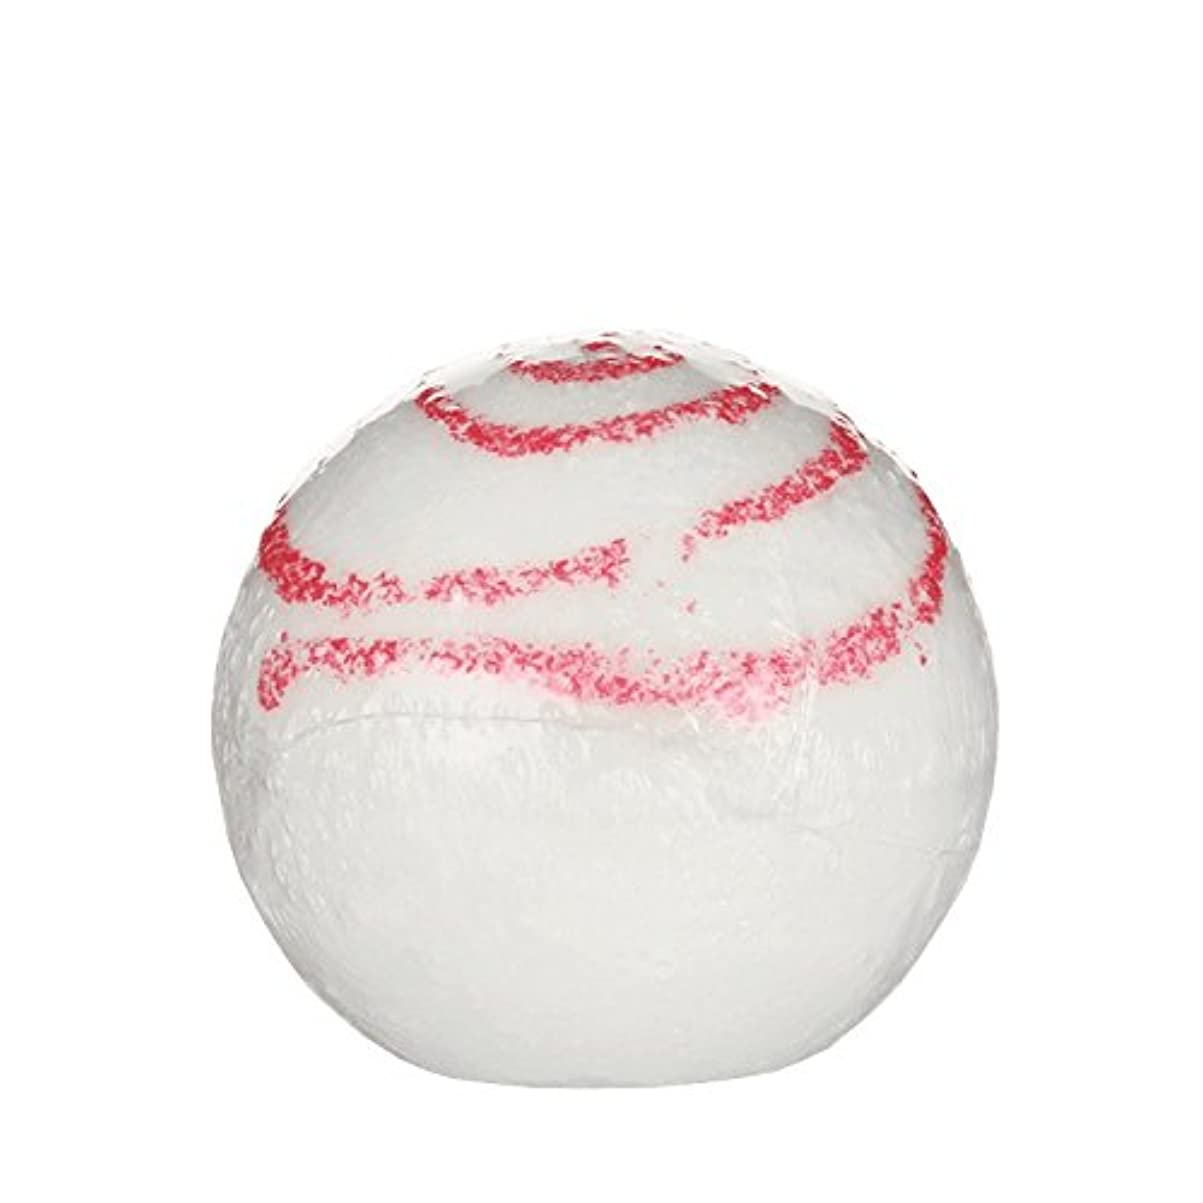 クルーズコストラケットTreetsバスボールグリッターキス170グラム - Treets Bath Ball Glitter Kiss 170g (Treets) [並行輸入品]